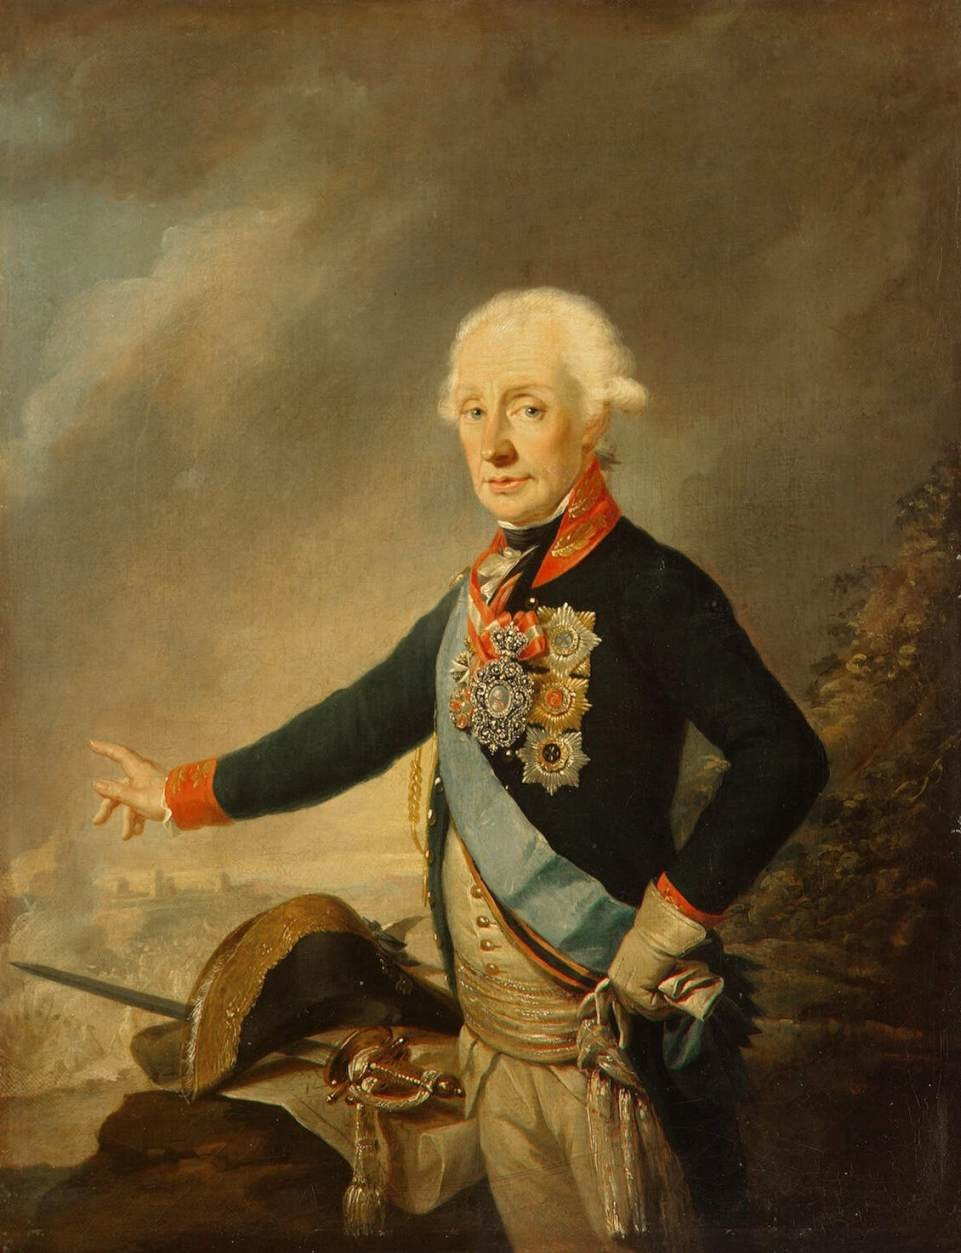 アレクサンドル・スヴォロフ(1729ー1800)